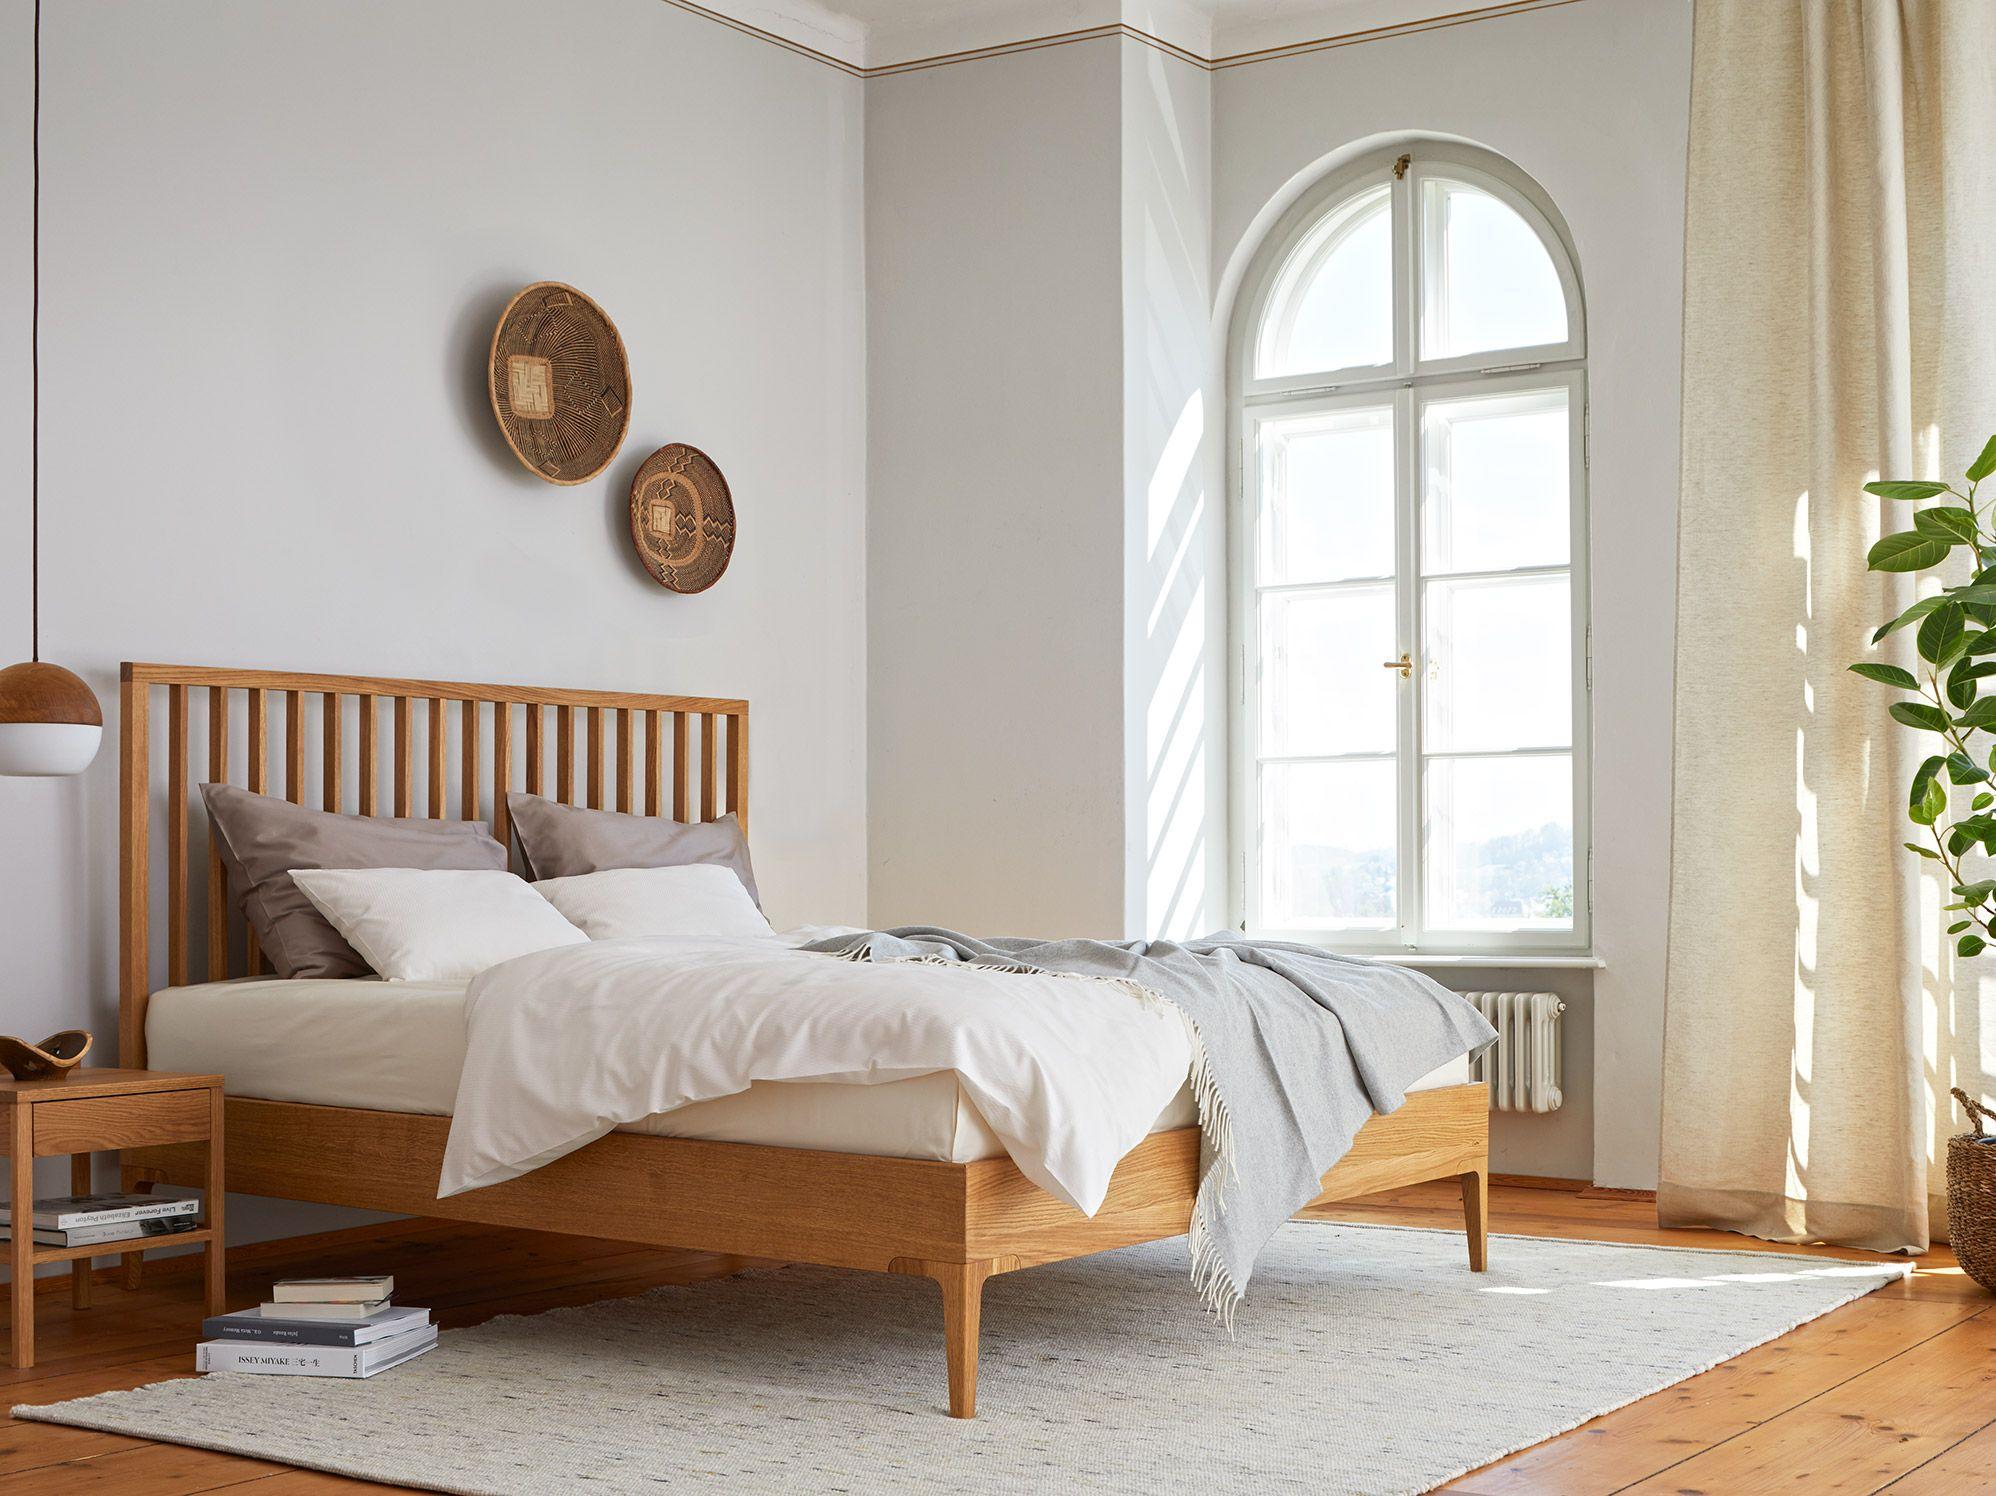 Bett Altro Mit Vertikalen Sprossen Zimmer Schlafzimmer Einrichten Bett Modern